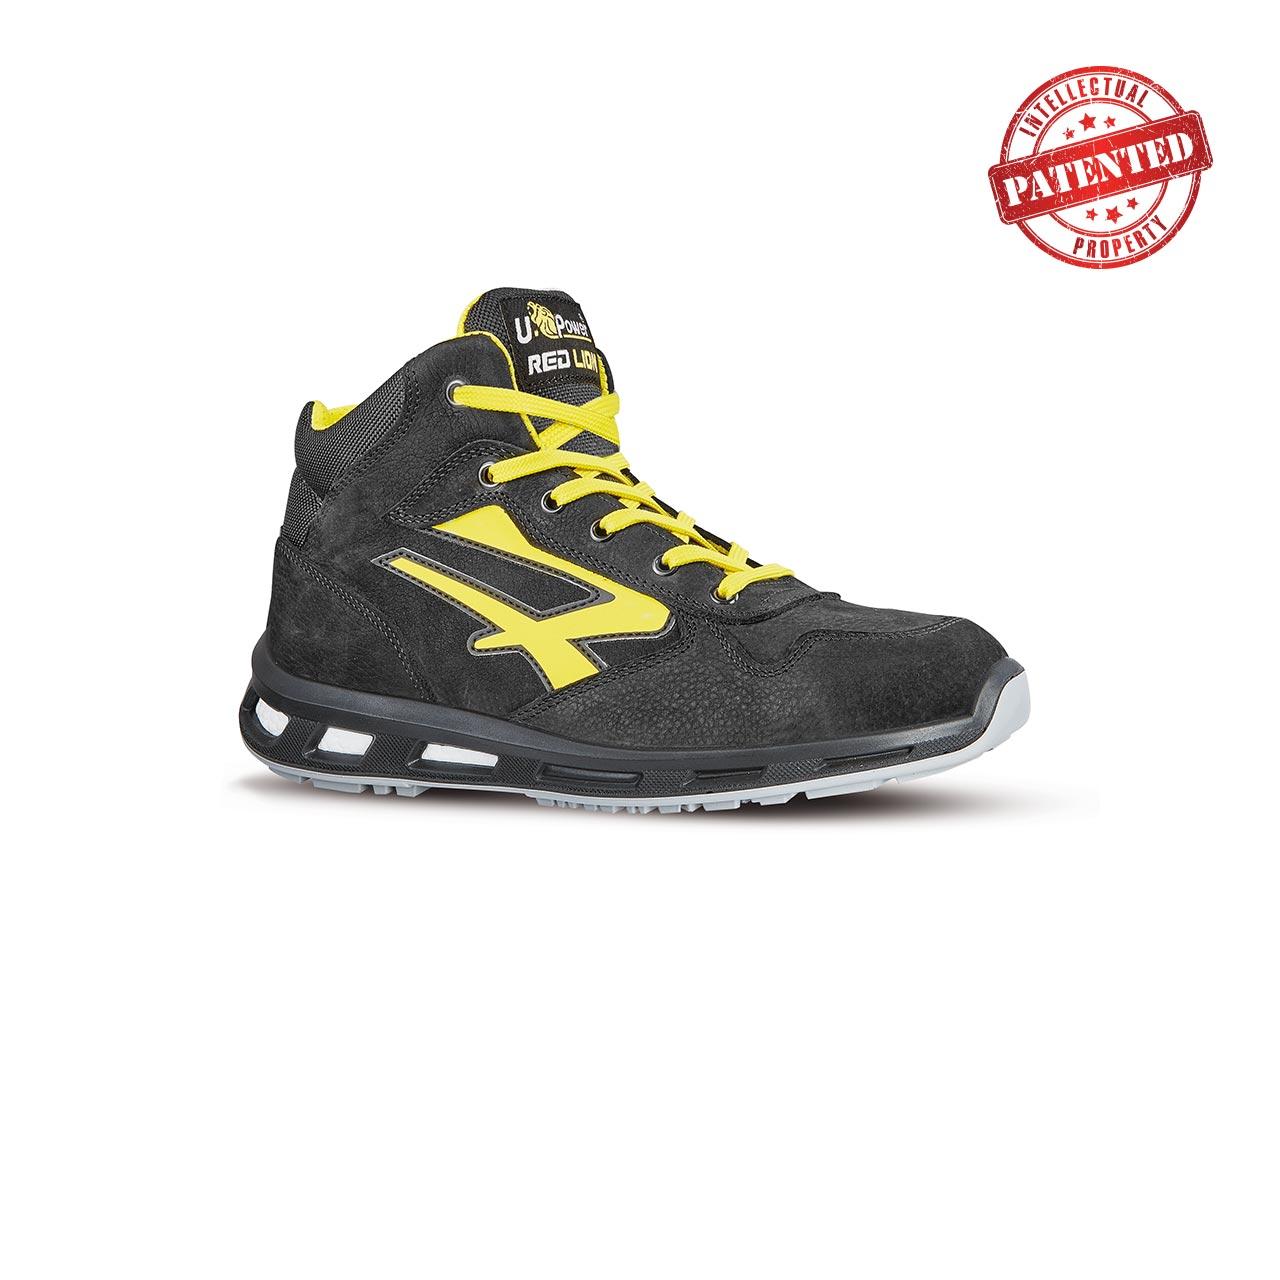 scarpa antinfortunistica alta upower modello shot linea redlion vista laterale